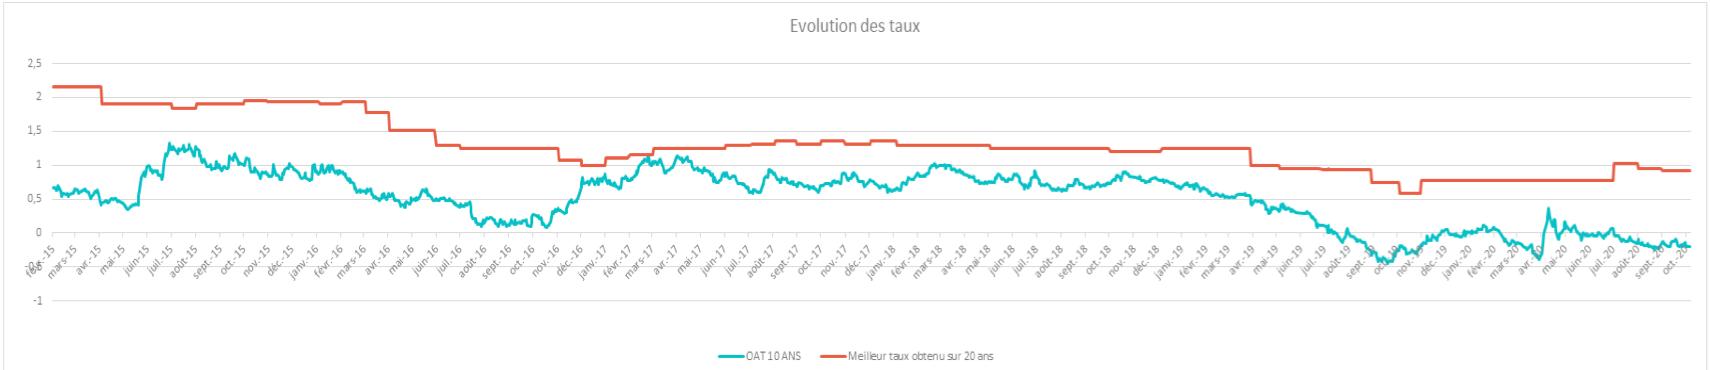 évolution des taux - centrale de financement -mysweetimmo